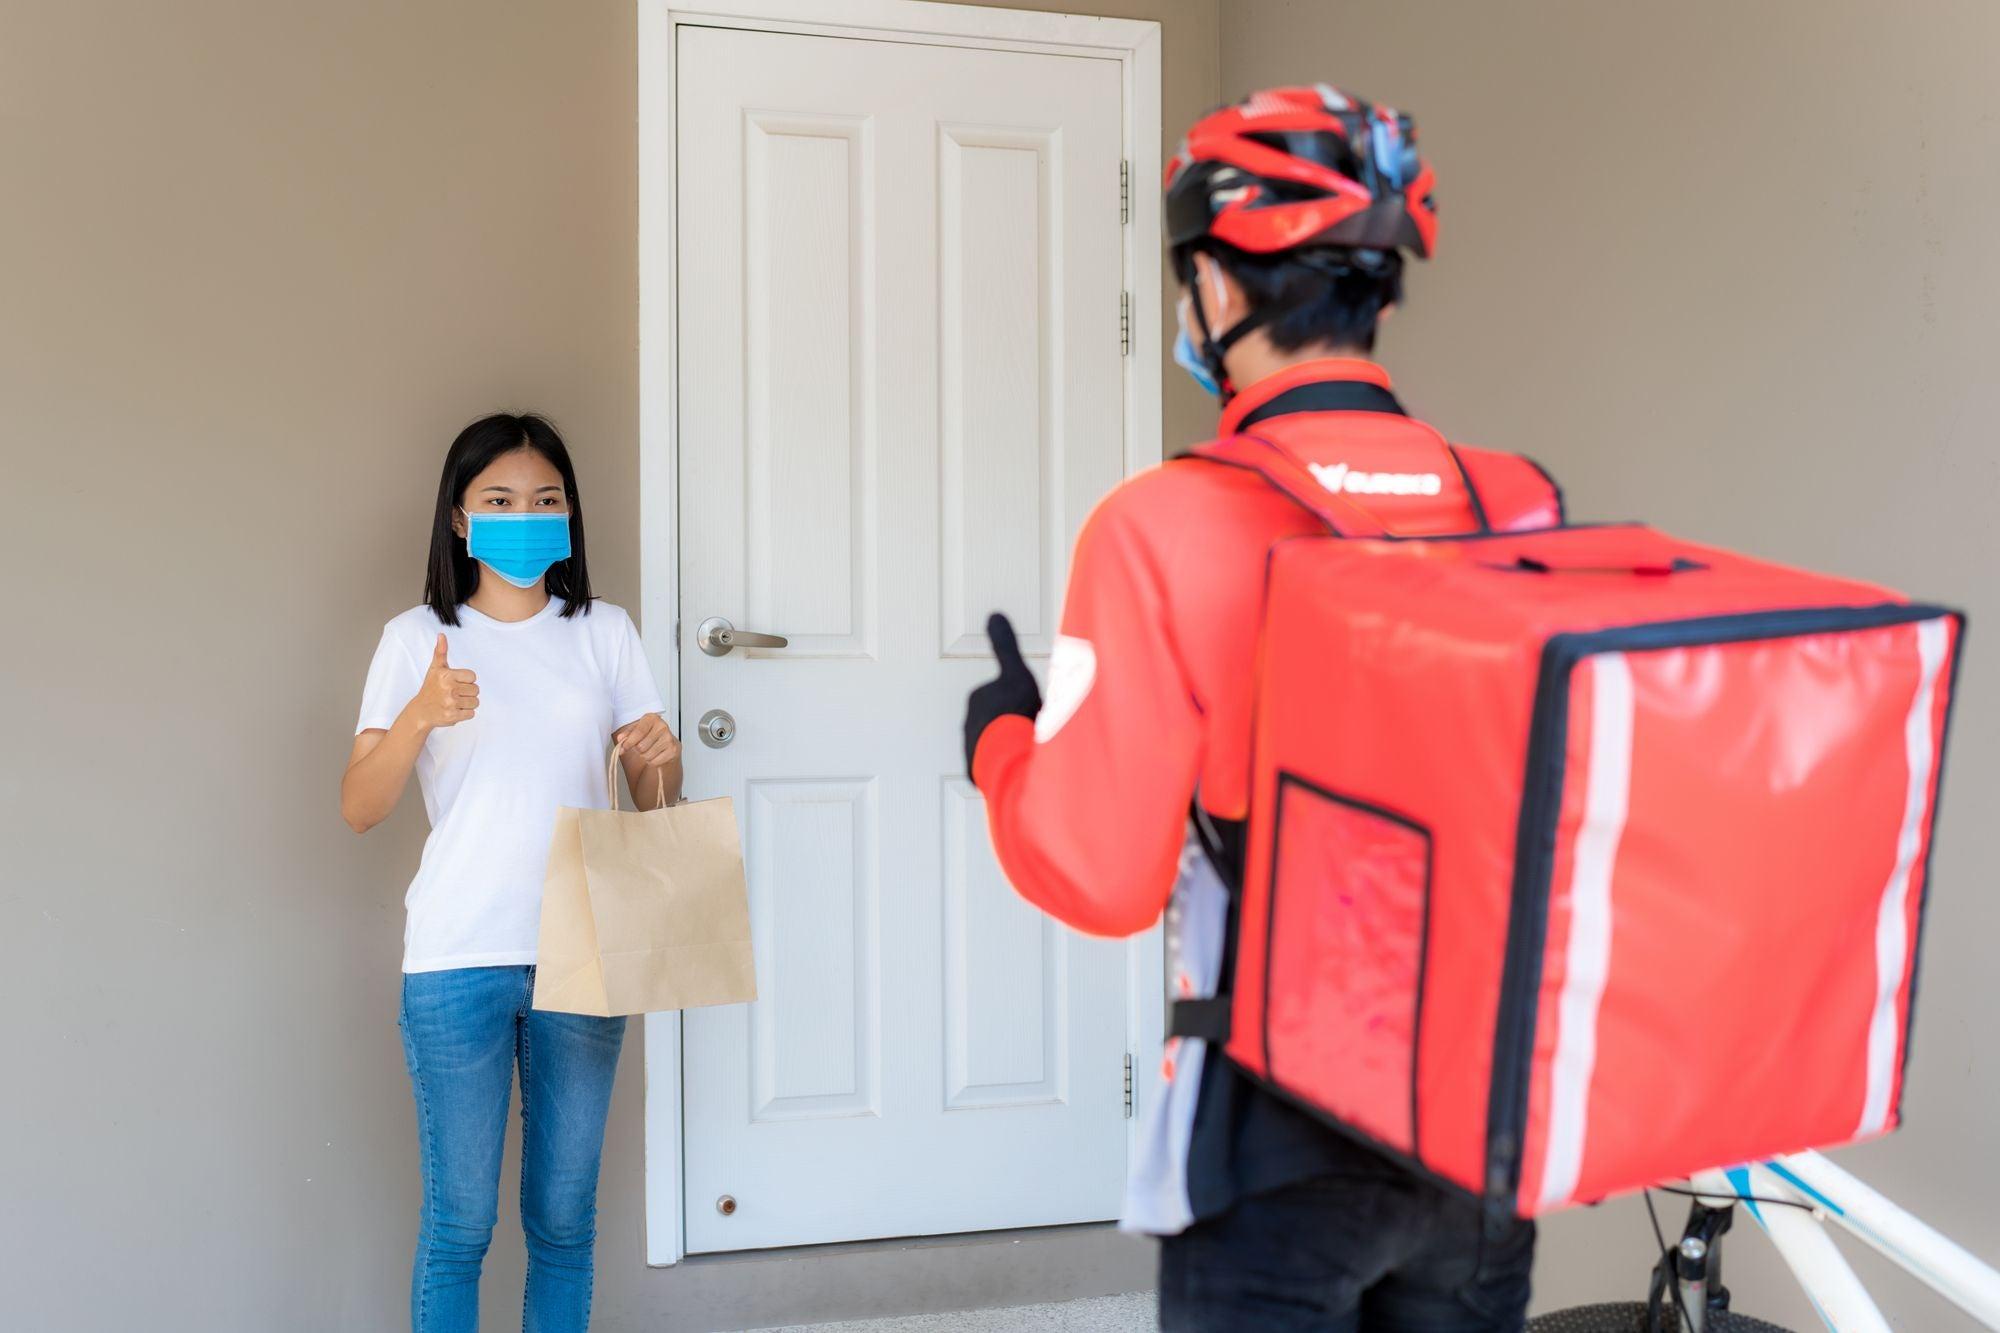 mujer recibiendo comida por servicio a domicilio